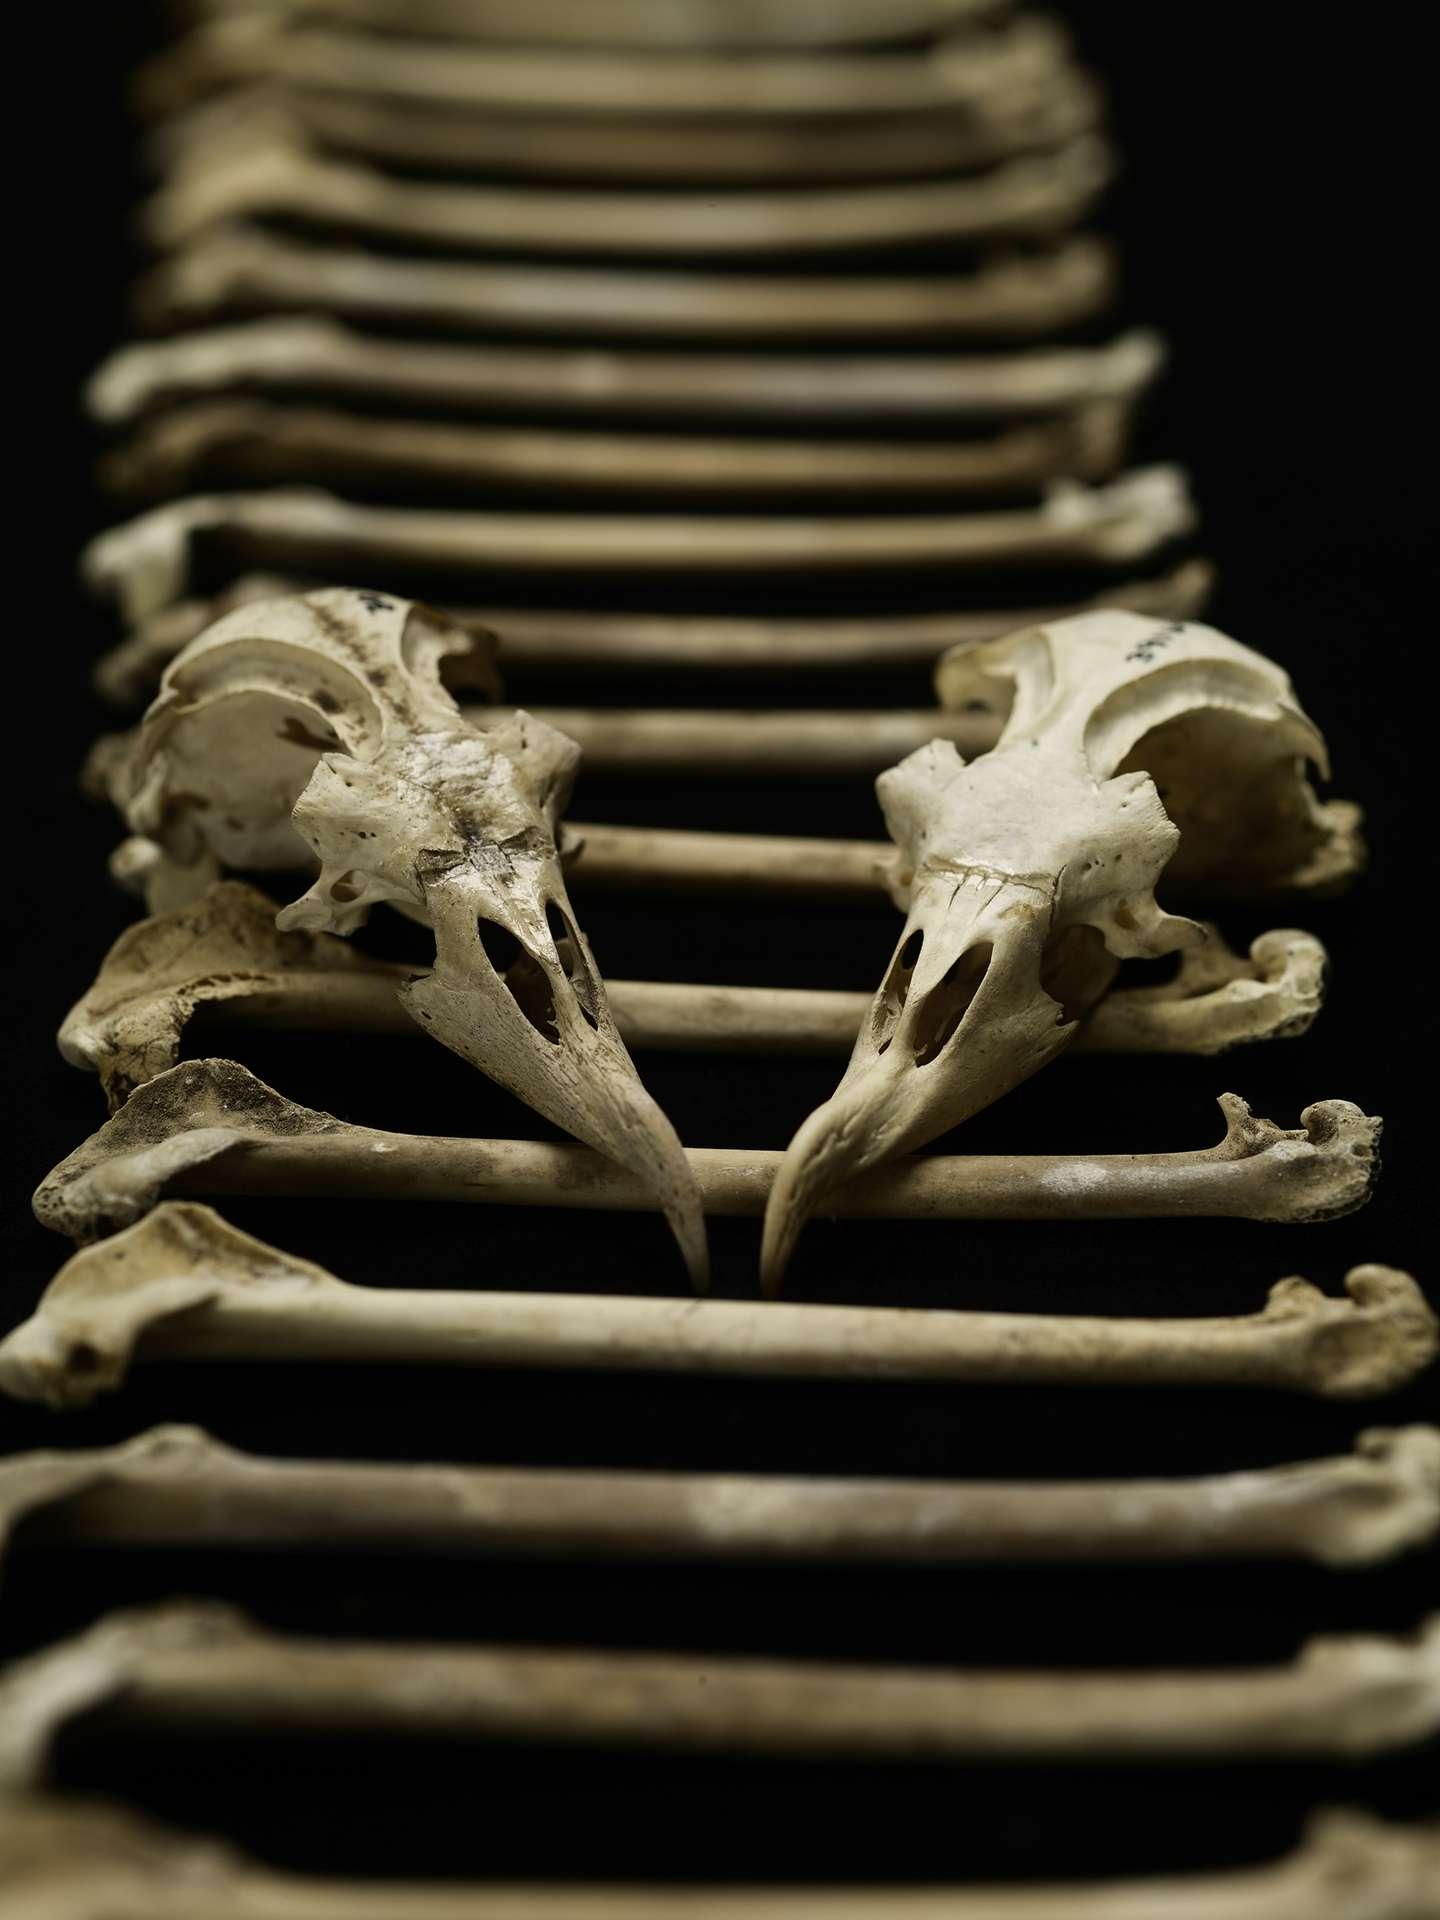 Des chercheurs ont récolté 17.000 ossements de pétrels des Hawaï et ont étudié leur composition chimique. Ils ont ainsi pu déterminer l'évolution du régime alimentaire de ces oiseaux marins sur 4.000 ans d'histoire. © Brittany Hance